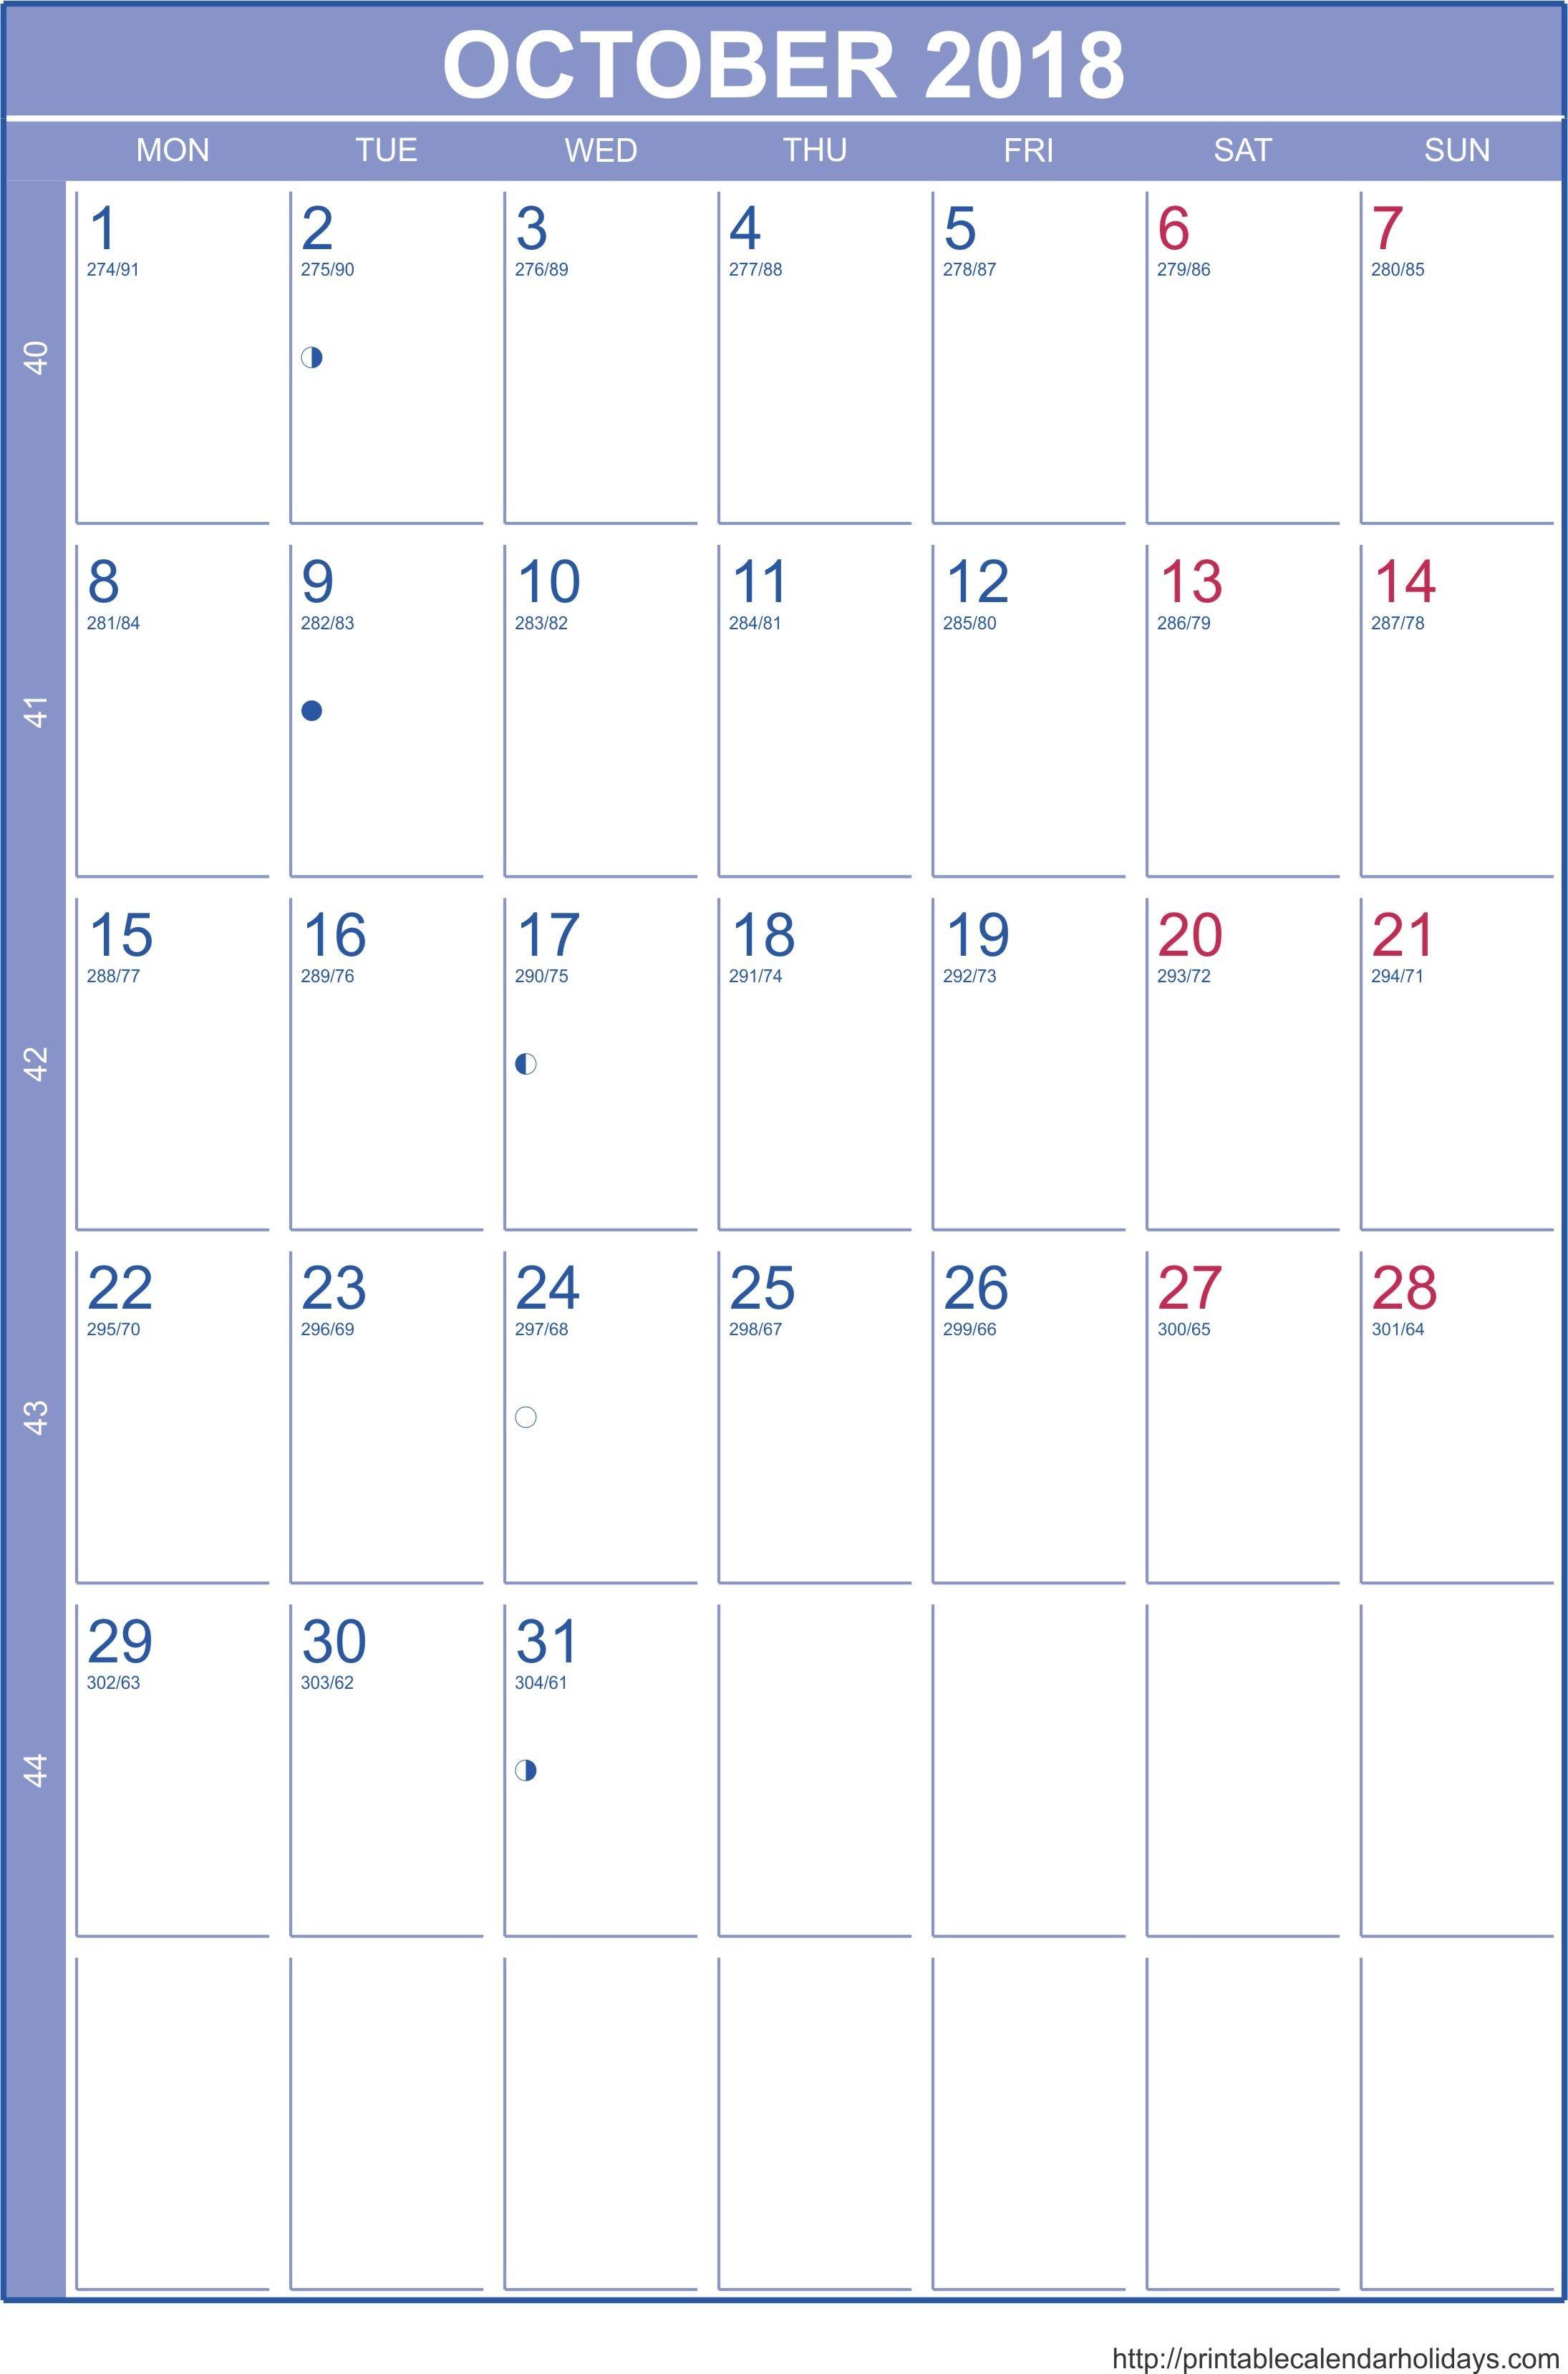 March 2019 Calendar Lala Ramswaroop Mejores Y Más Novedosos 2019 Calendar Template to Print Monthly Printable Calendar 2019 2019 Of March 2019 Calendar Lala Ramswaroop Más Caliente News Flash Connected with Lala Ramswaroop Calendar 2019 Download Pdf